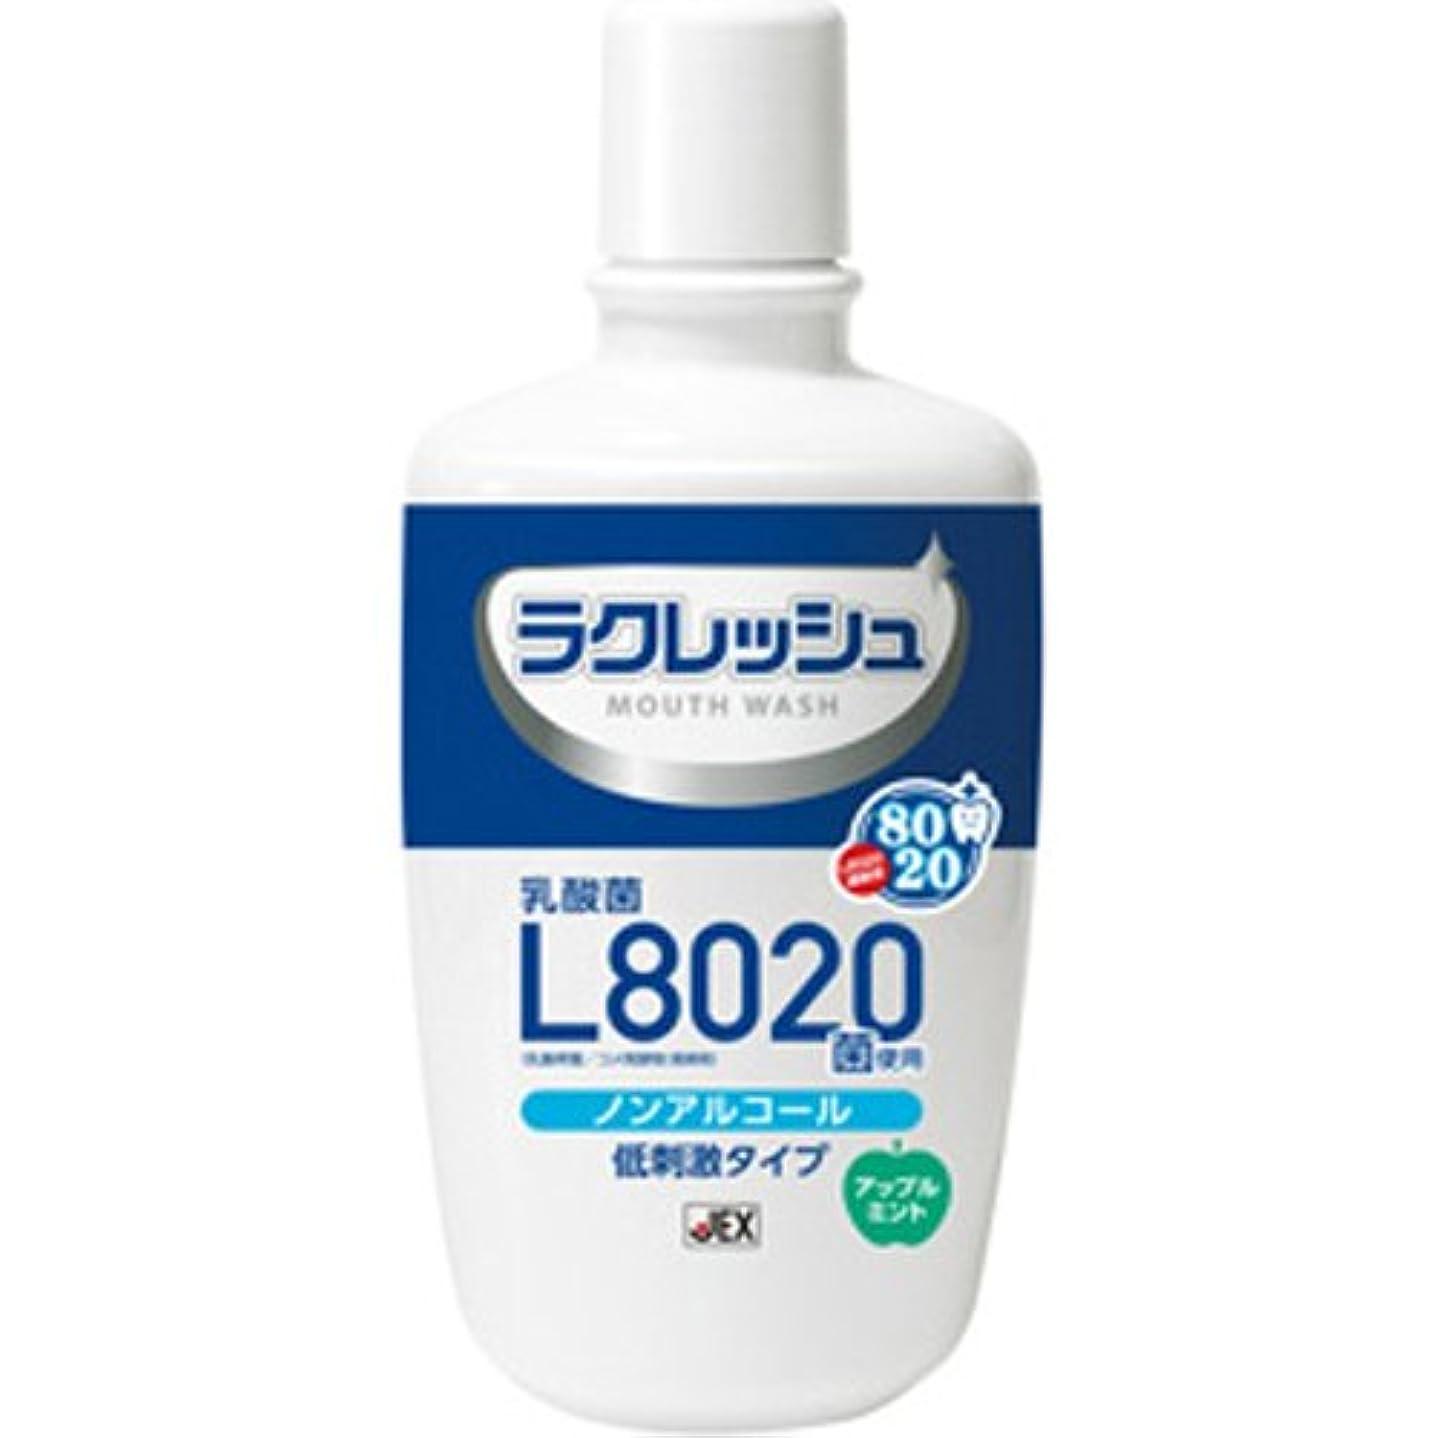 その結果オゾンボタンラクレッシュ L8020菌入 マウスウォッシュ × 5個セット